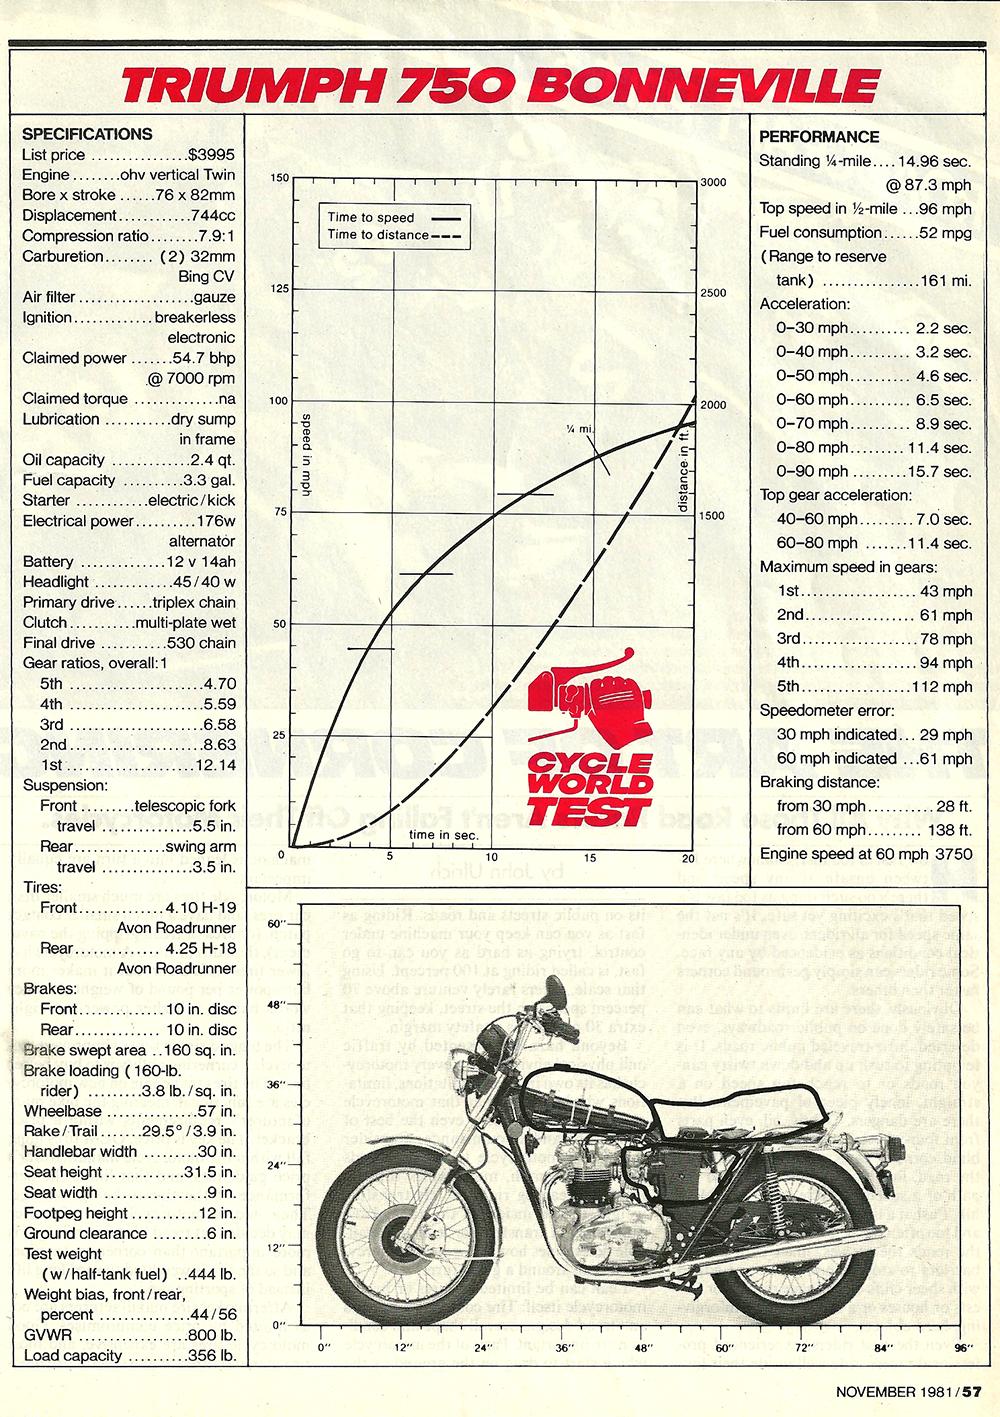 1981 Triumph 750 Bonneville road test 6.jpg